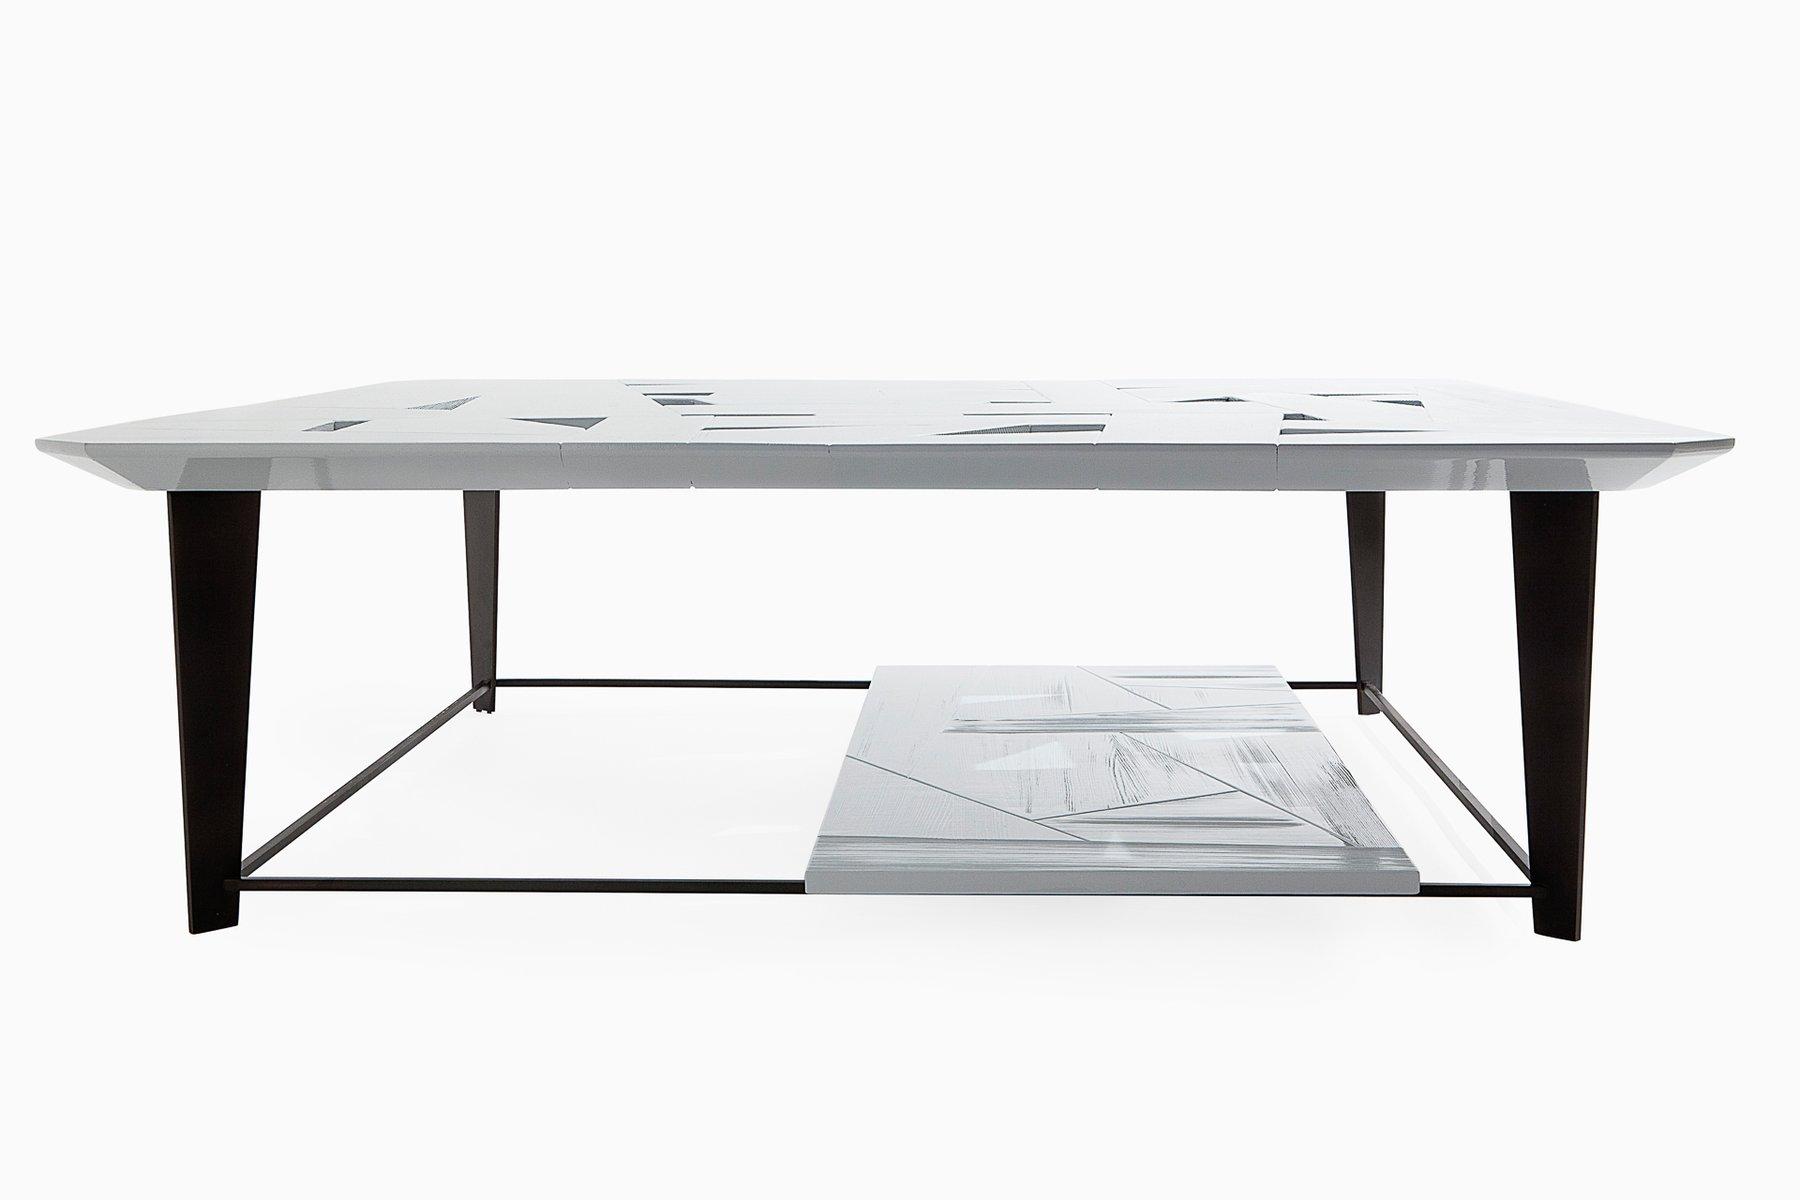 Rechteckiger Niedriger Tamiso T1406 Tisch von M...